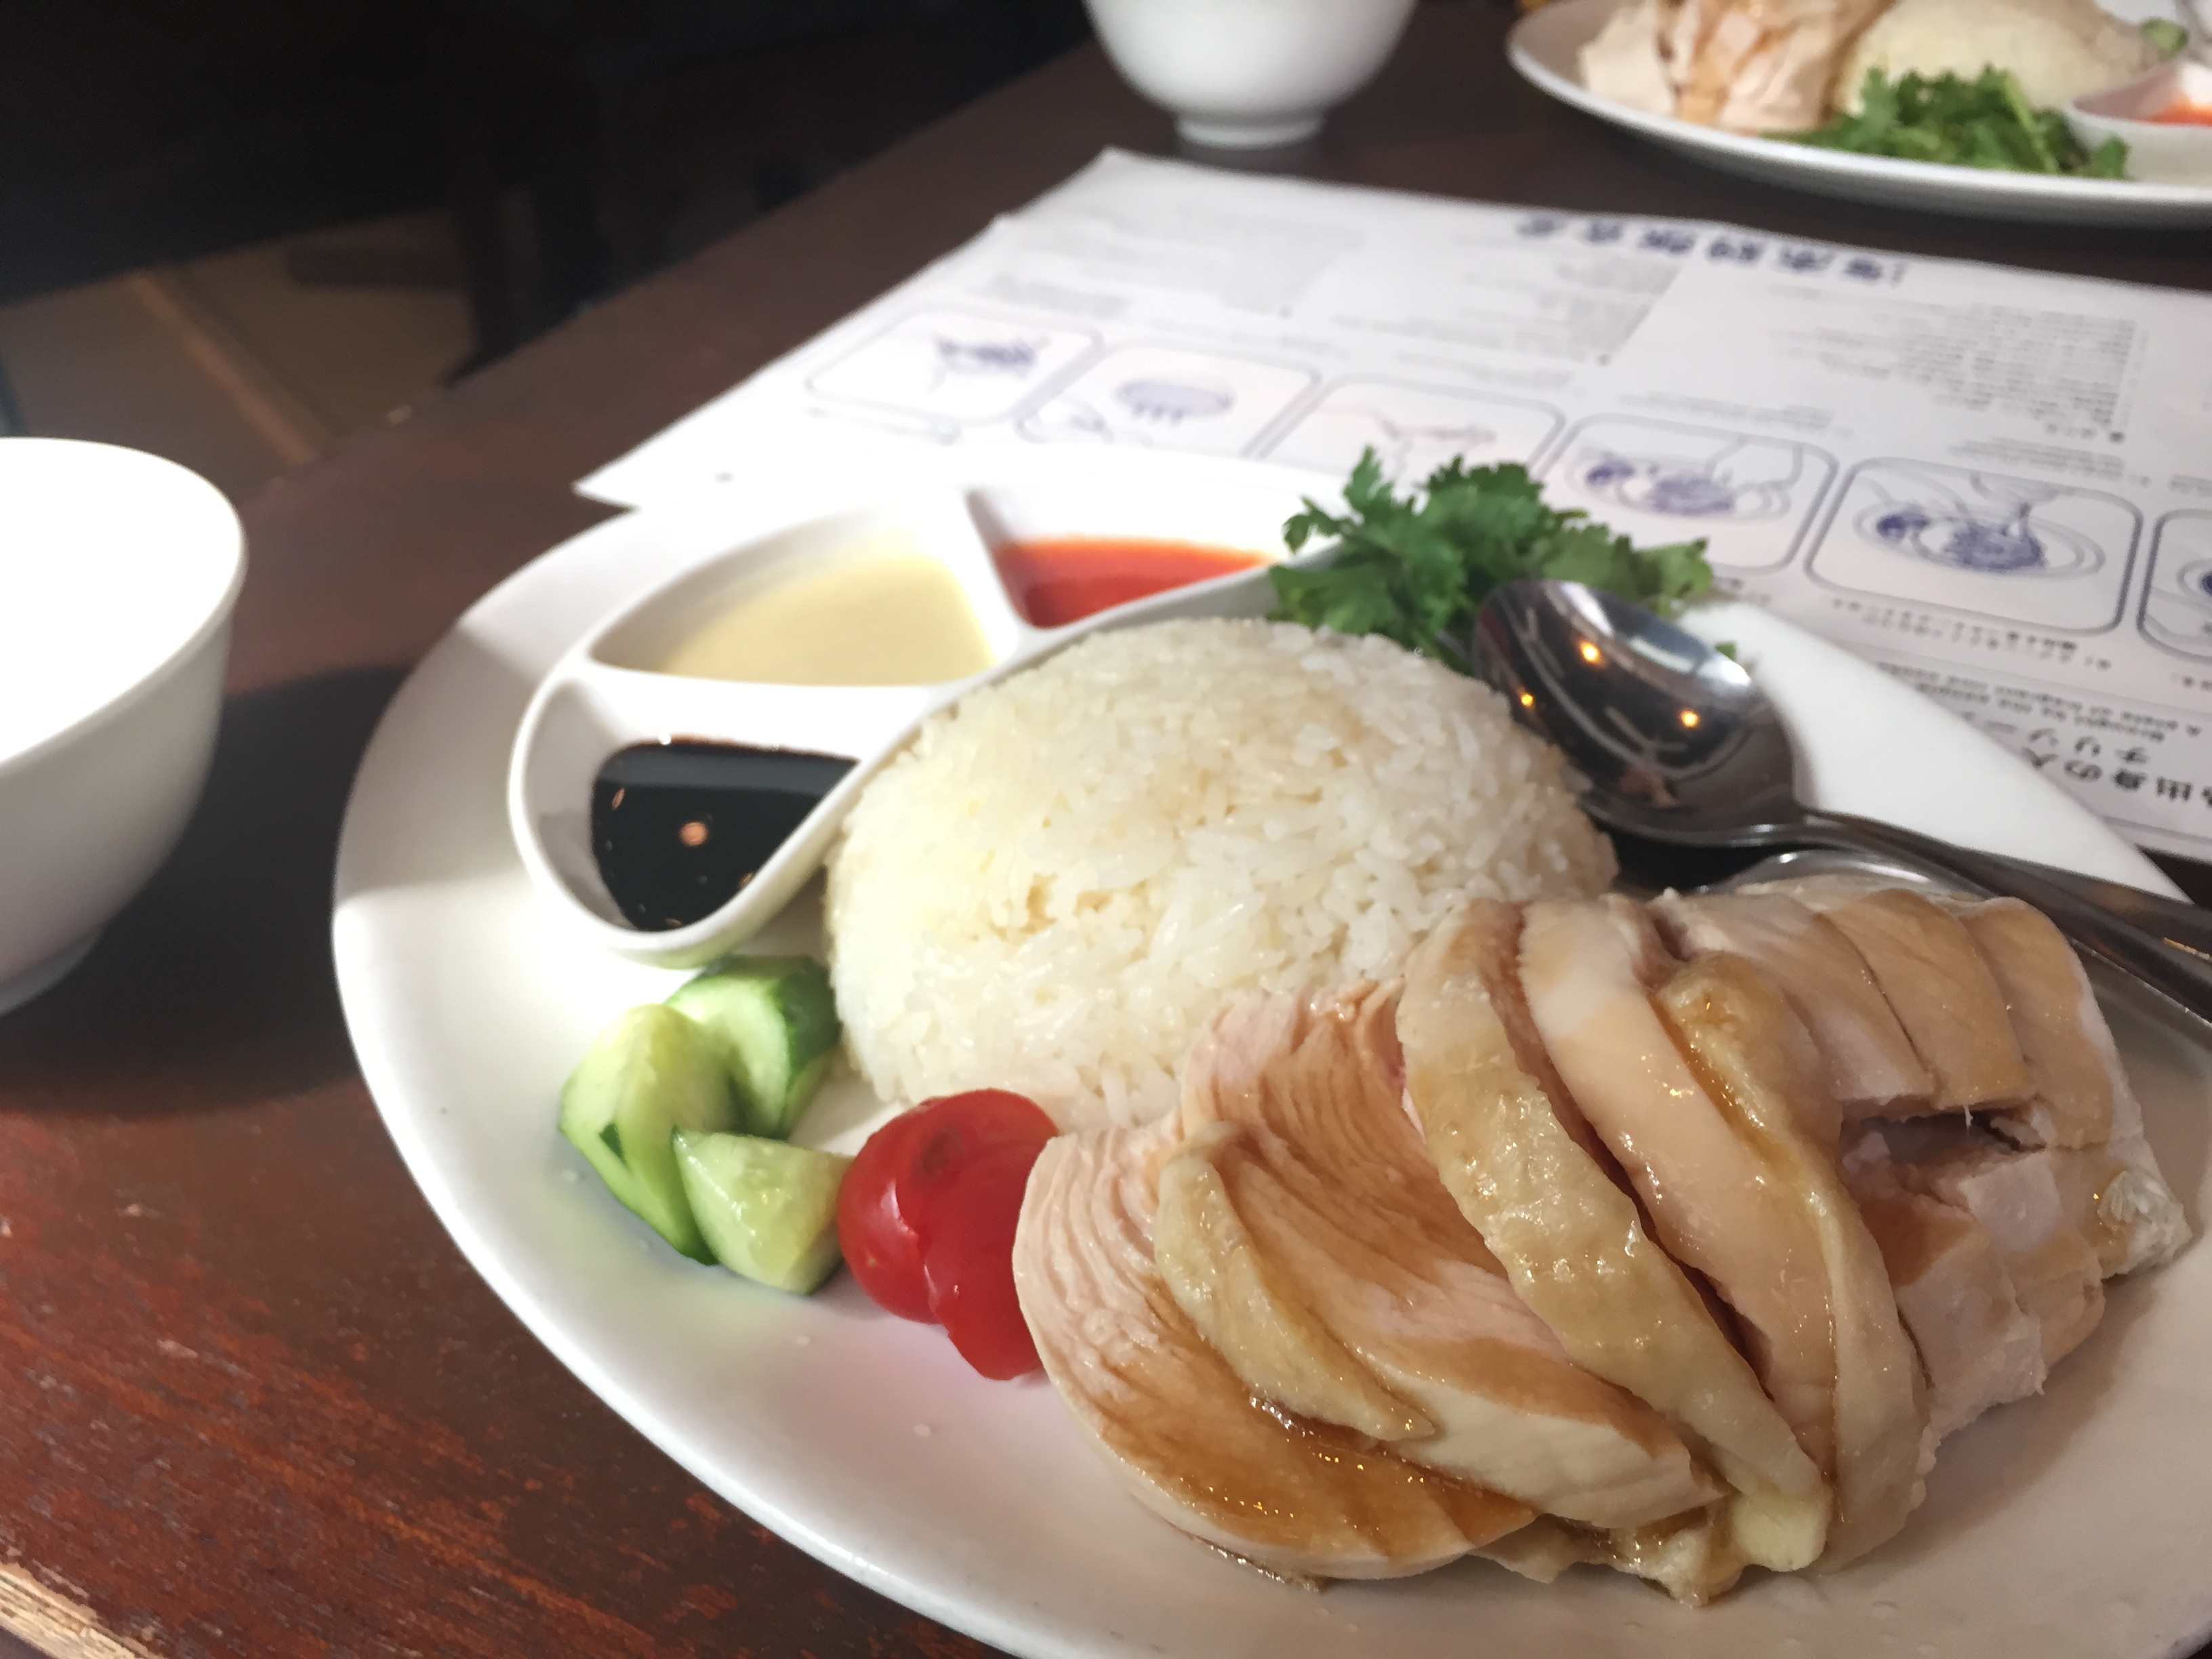 【行った】海南鶏飯食堂2 恵比寿店 (ハイナンジーファンショクドウツー)